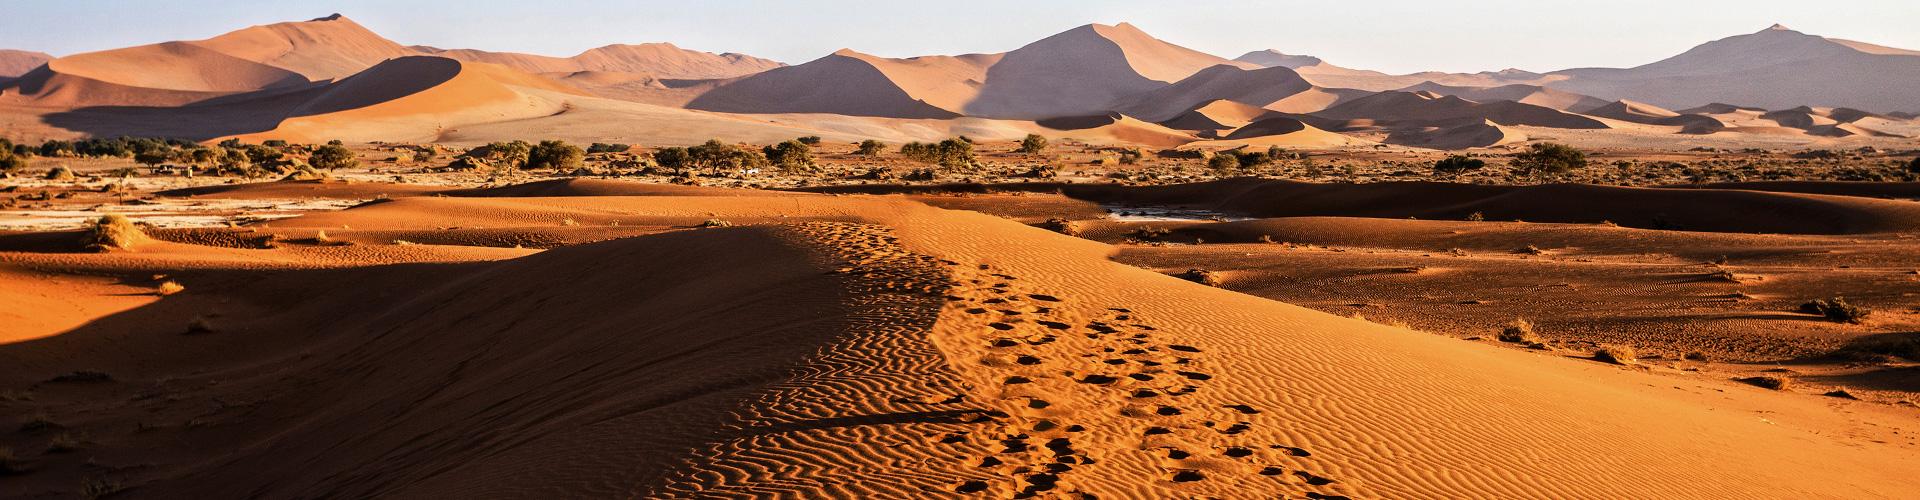 Namibia Dunes – Camping